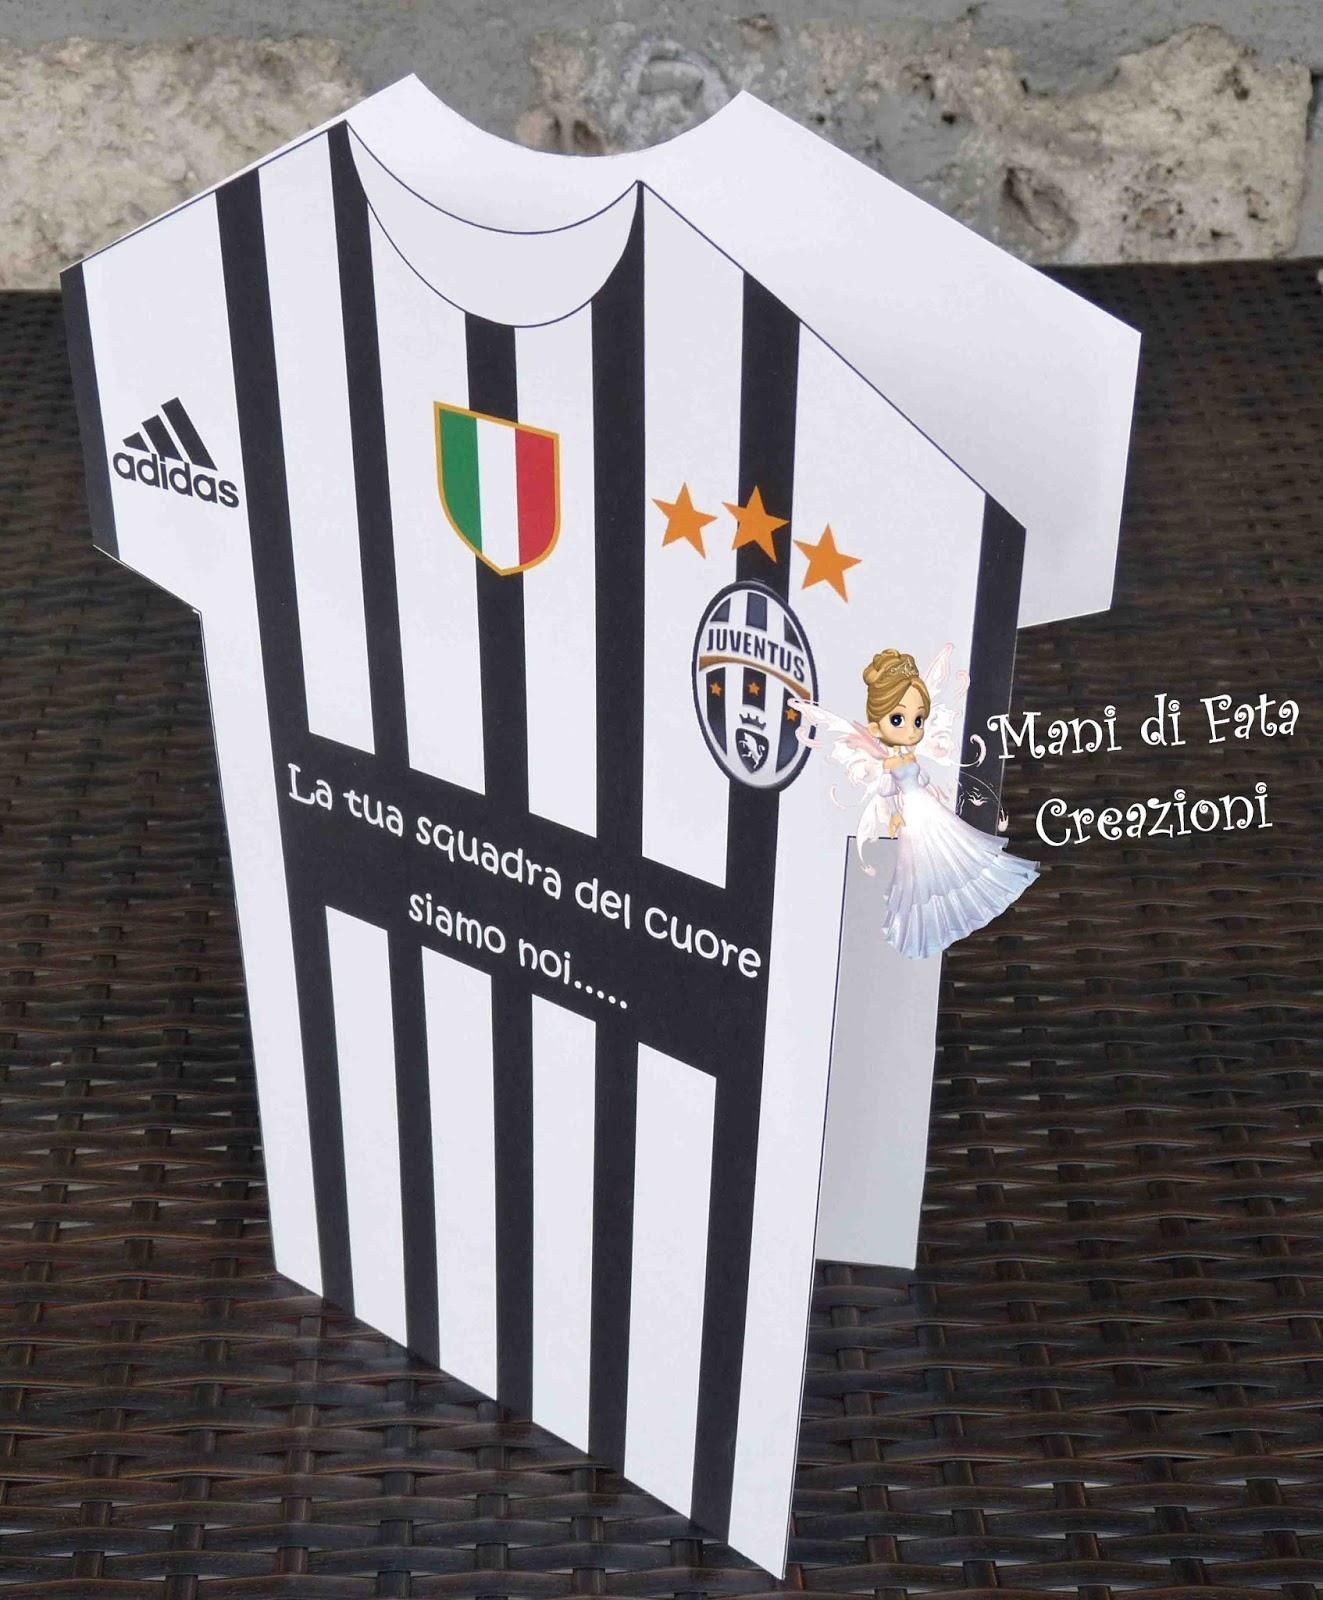 Matrimonio Tema Juventus : Mani di fata creazioni marzo